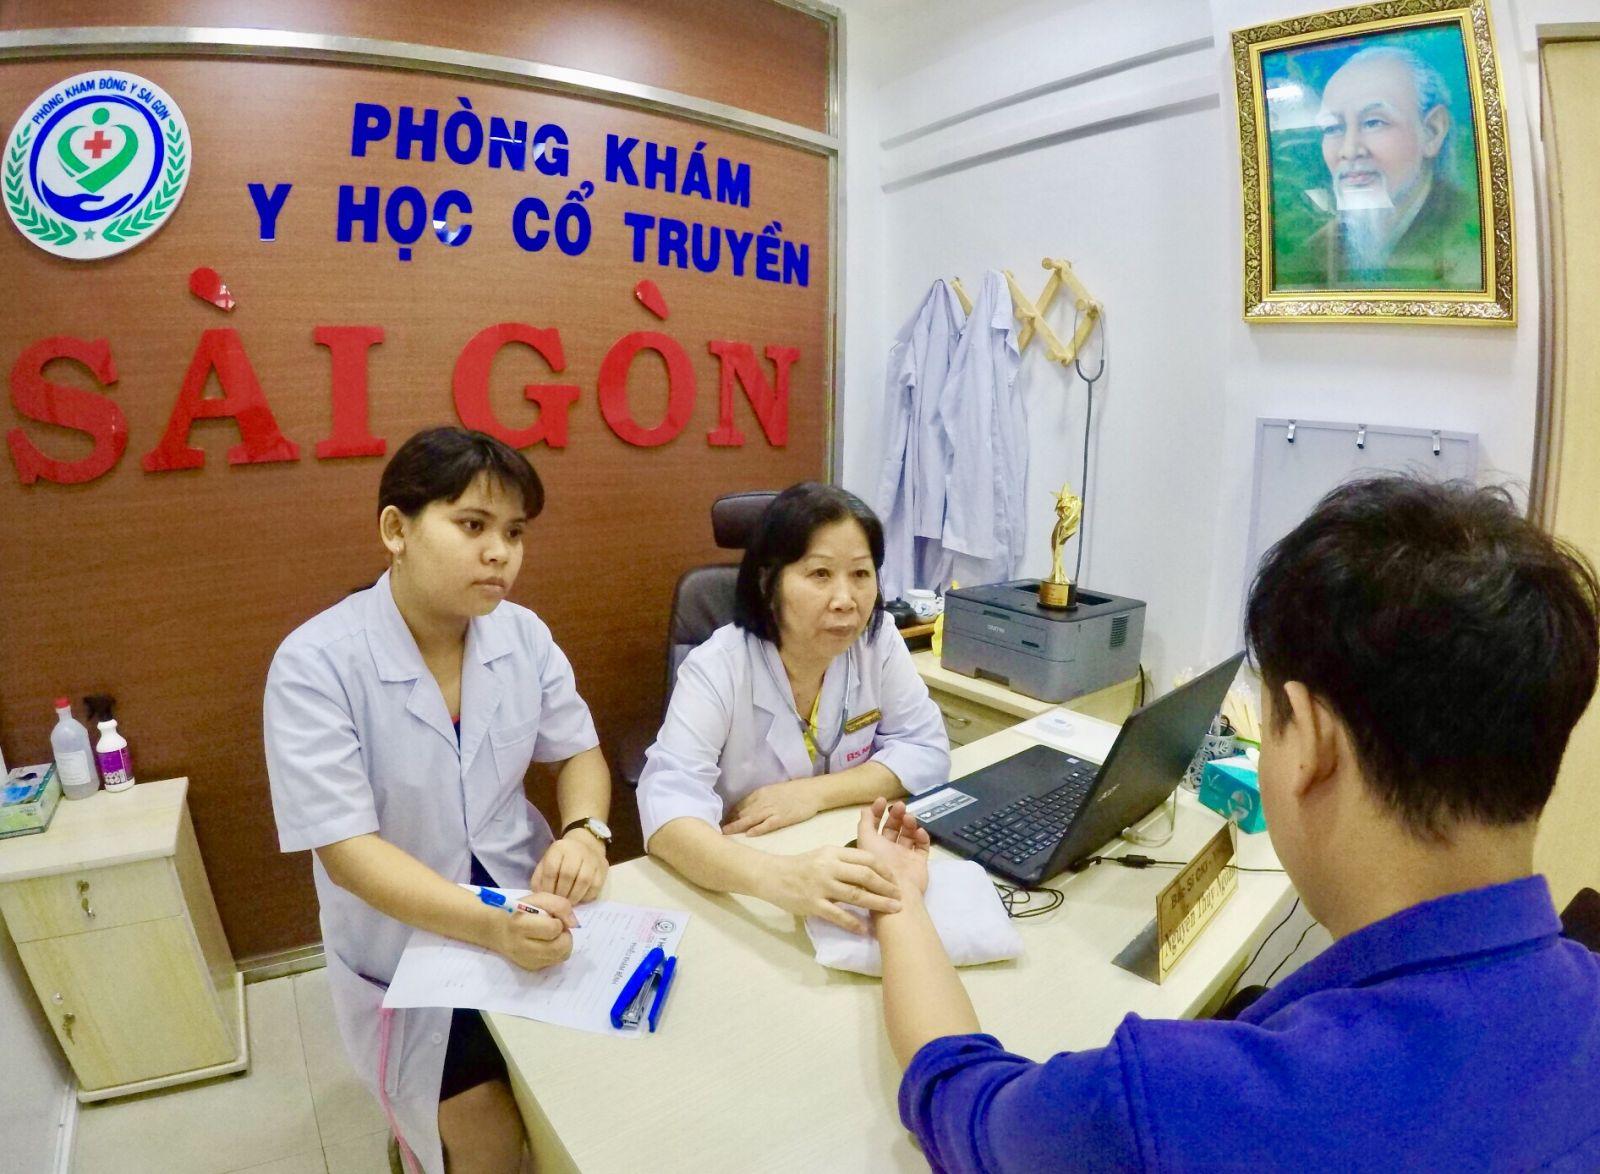 Bác sĩ nguyễn thùy ngoan chữa bệnh rối loạn tiền đình bằng đông y